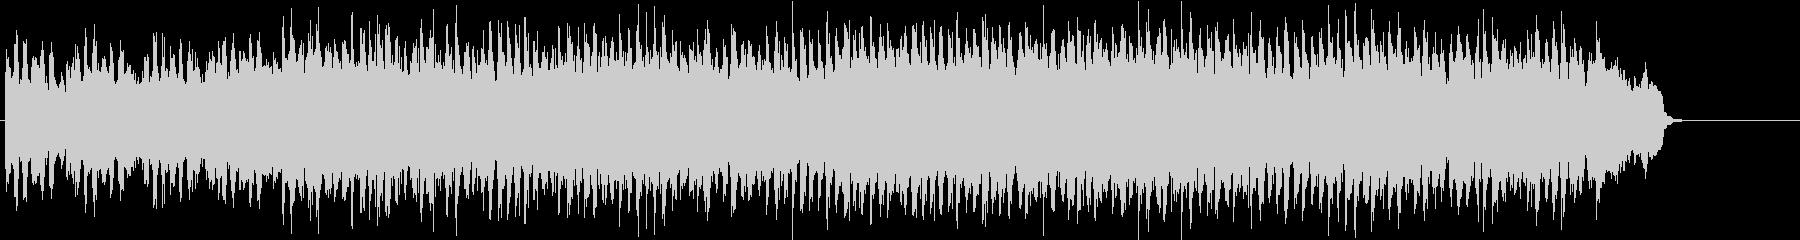 さびしい しっとり  ほのぼのの未再生の波形